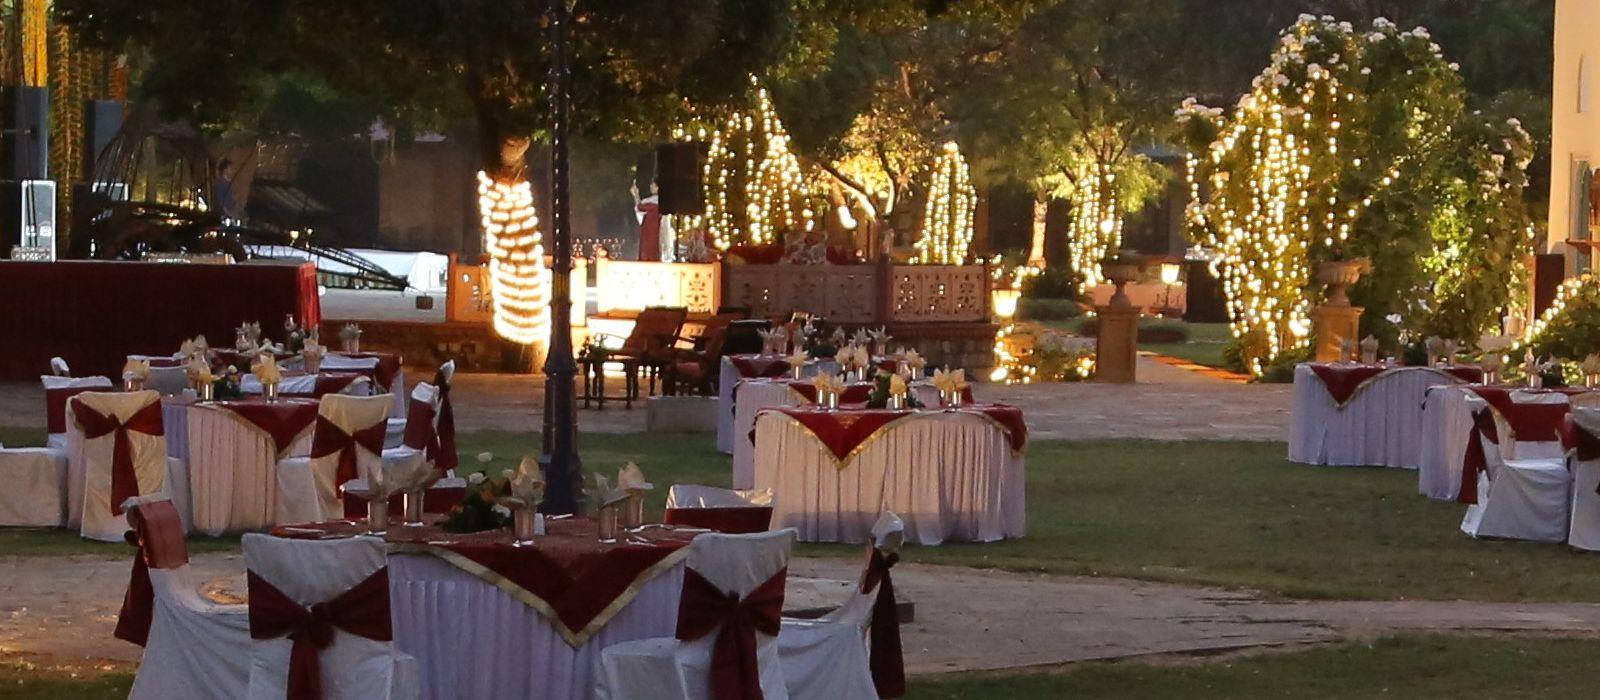 Festival de las Luces en India          (Del 15 al 24 de octubre de 2017) Tour Trip 8